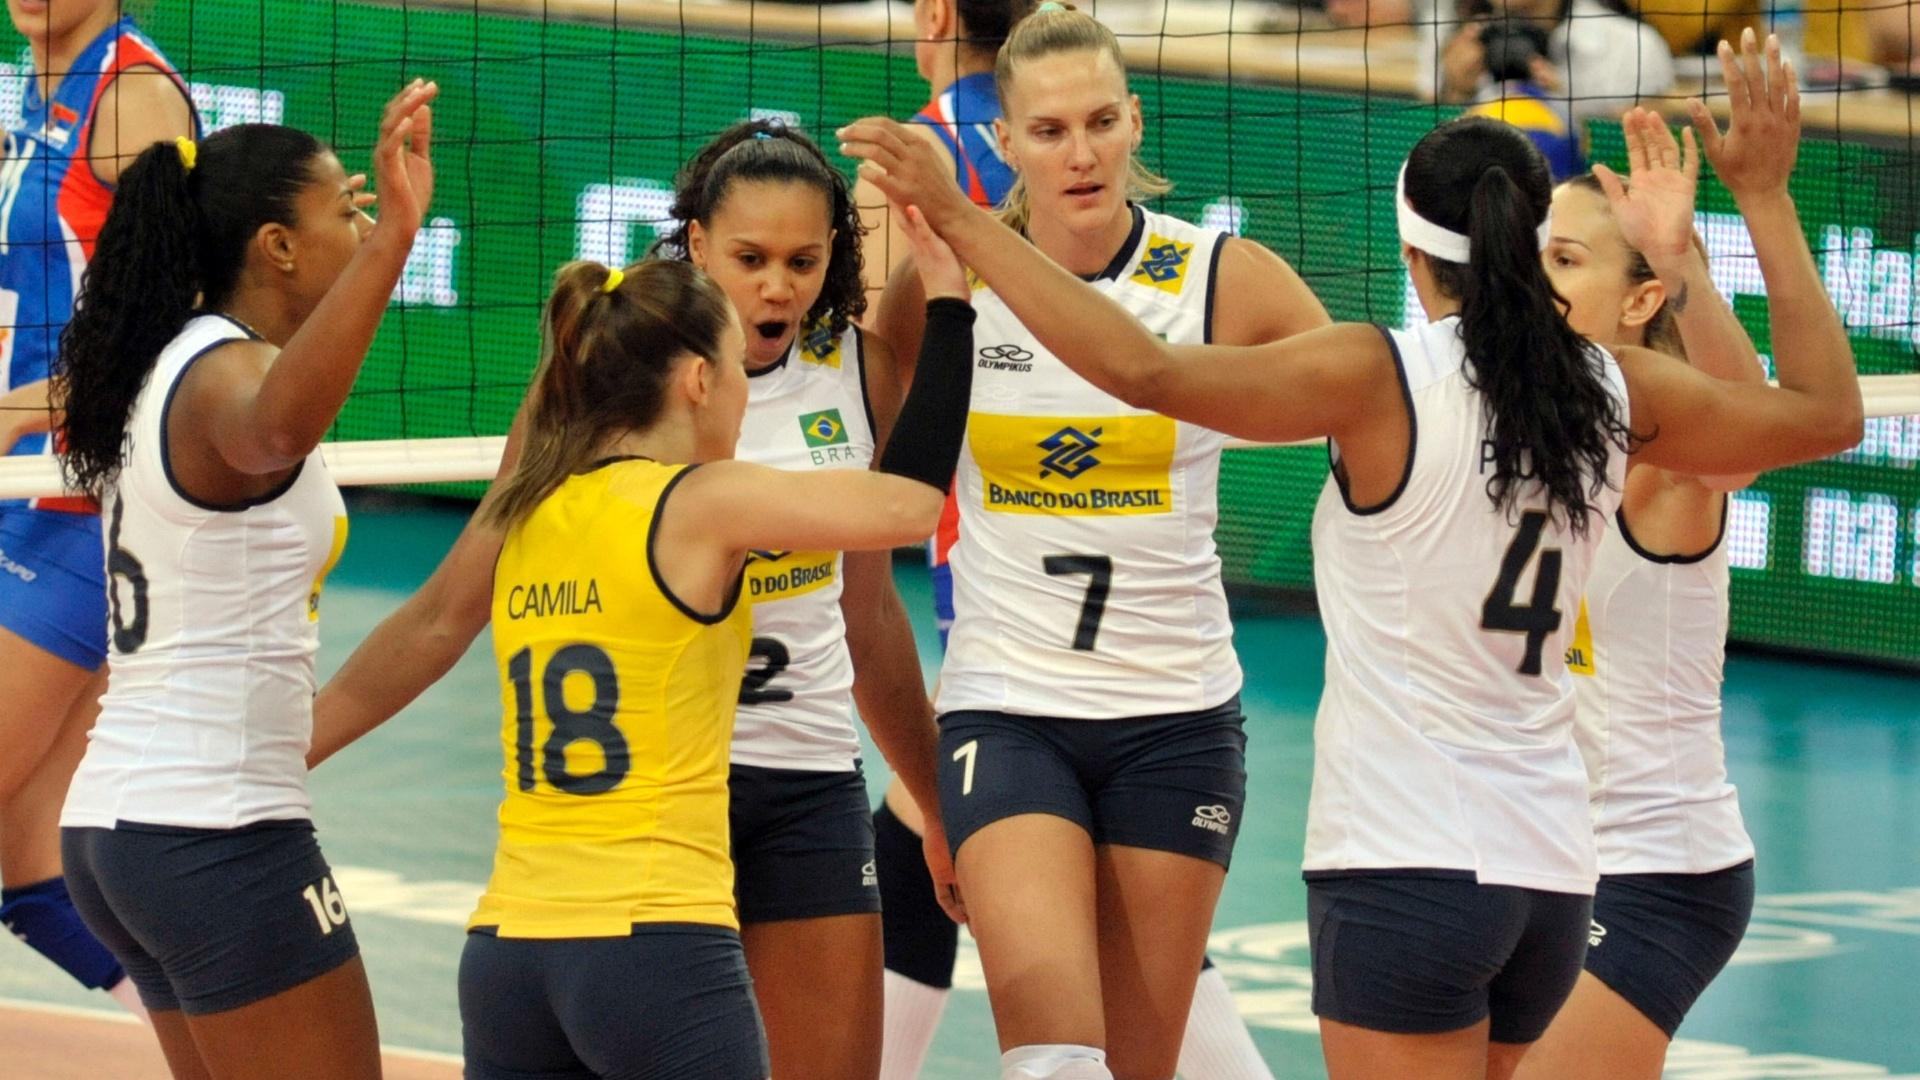 Jogadoras brasileiras comemoram ponto na partida contra a Sérvia pelo Grand Prix